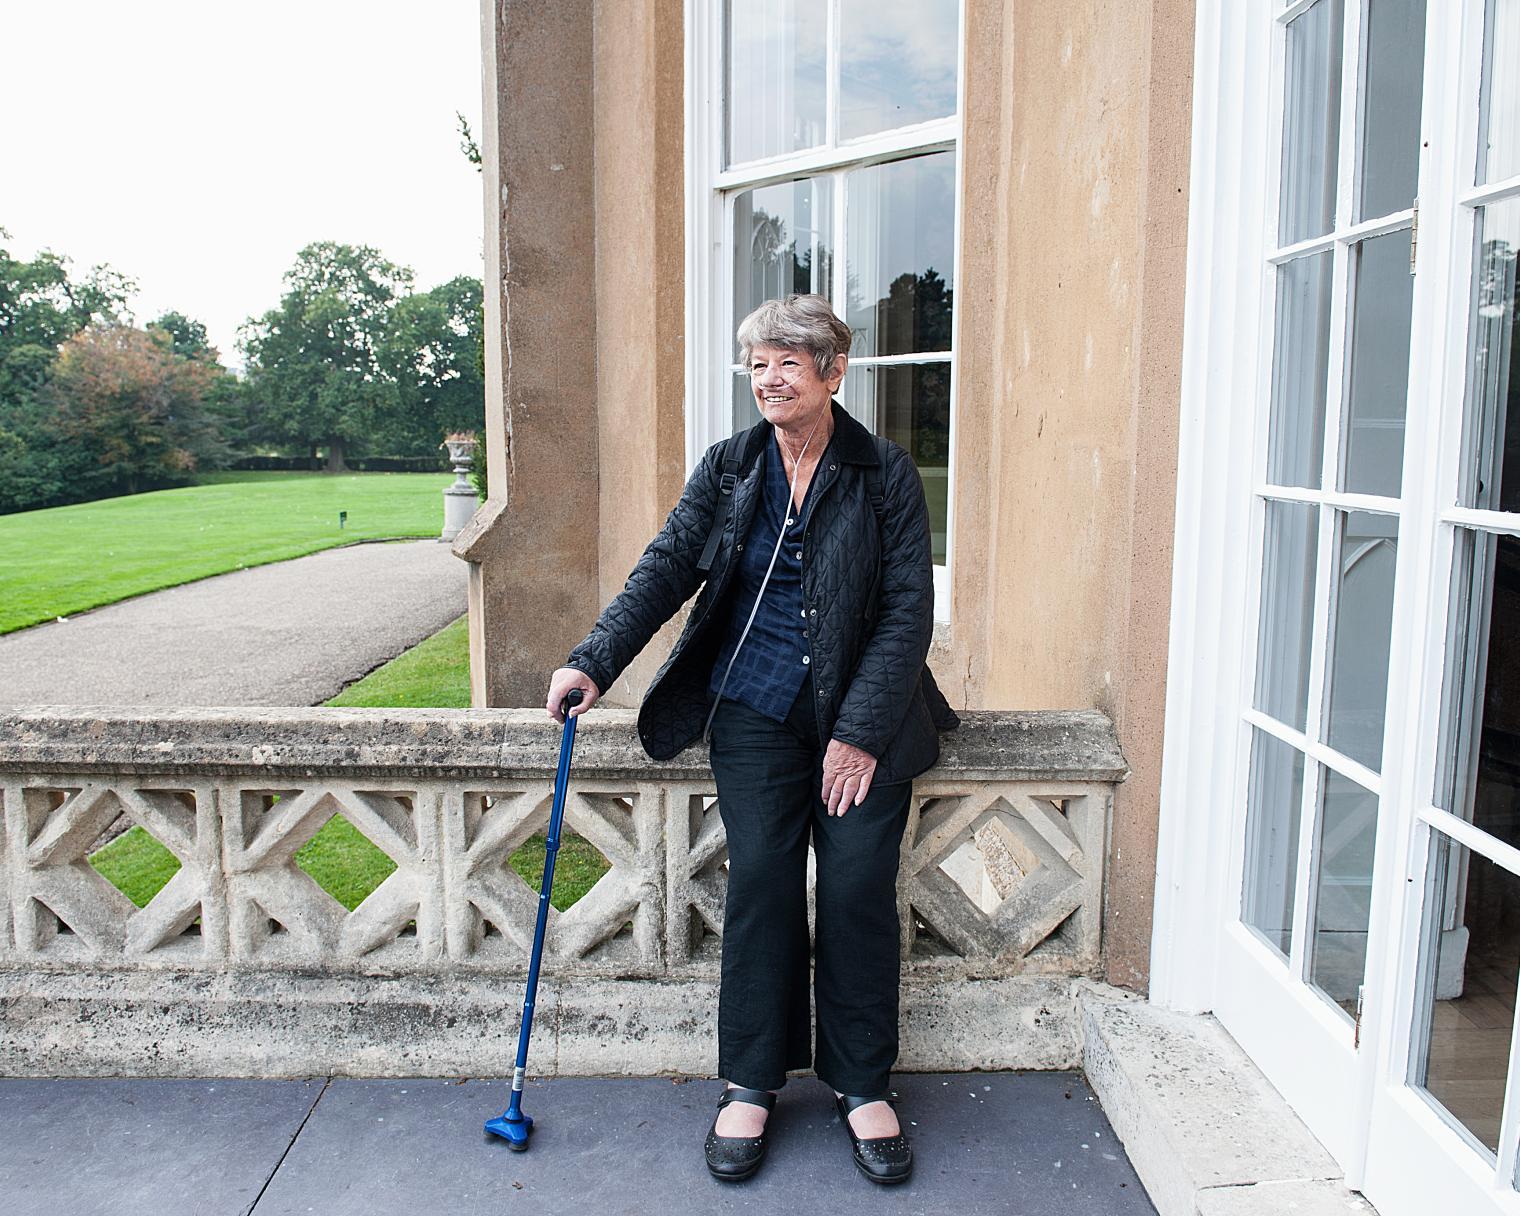 Frau mit Sauerstoffgerät vor Haus